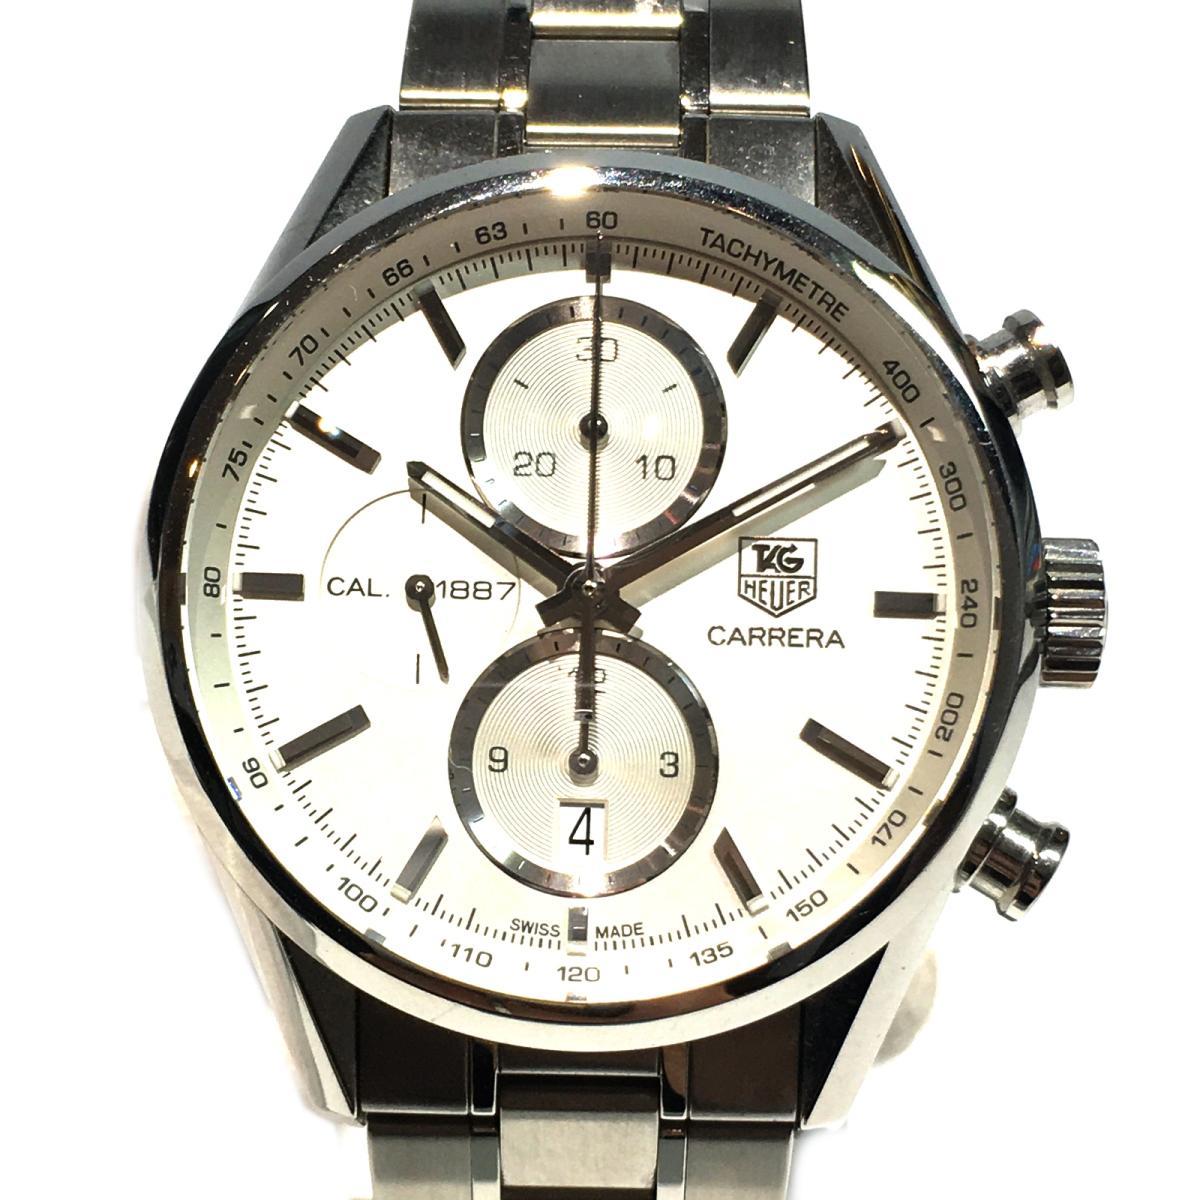 【激安大特価!】 【】 タグ・ホイヤー カレラ1887 クロノ・タキメーター 腕時計 ウォッチ メンズ ステンレススチール (SS) シルバー (CAR2111.BA0720) | TAG HEUER BRANDOFF ブランドオフ ブランド ブランド時計 ブランド腕時計 時計, 高松市 0a93e056